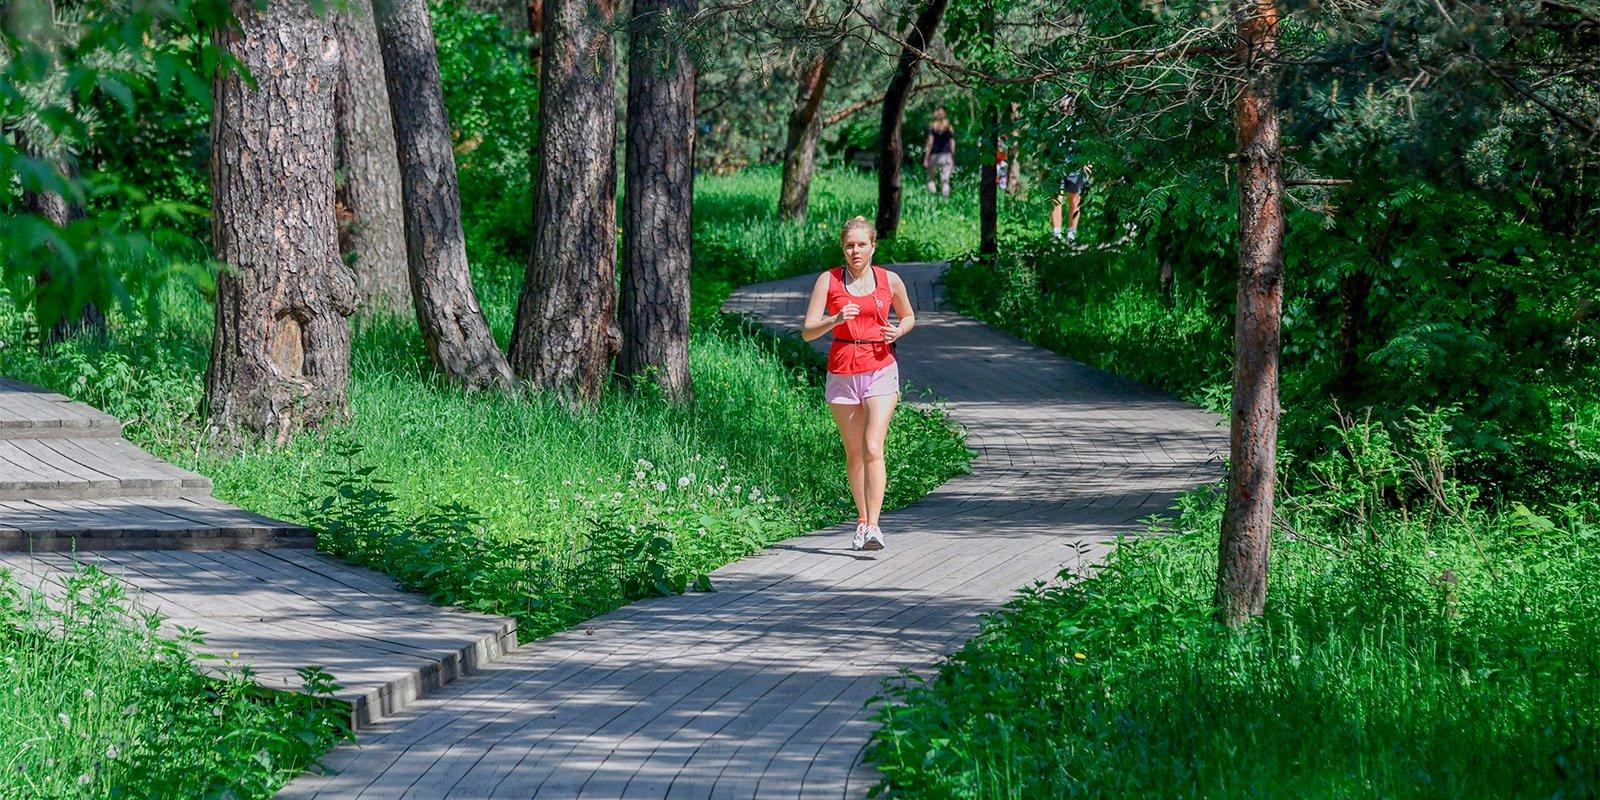 Заняться сопртом можно в Воронцовском парке